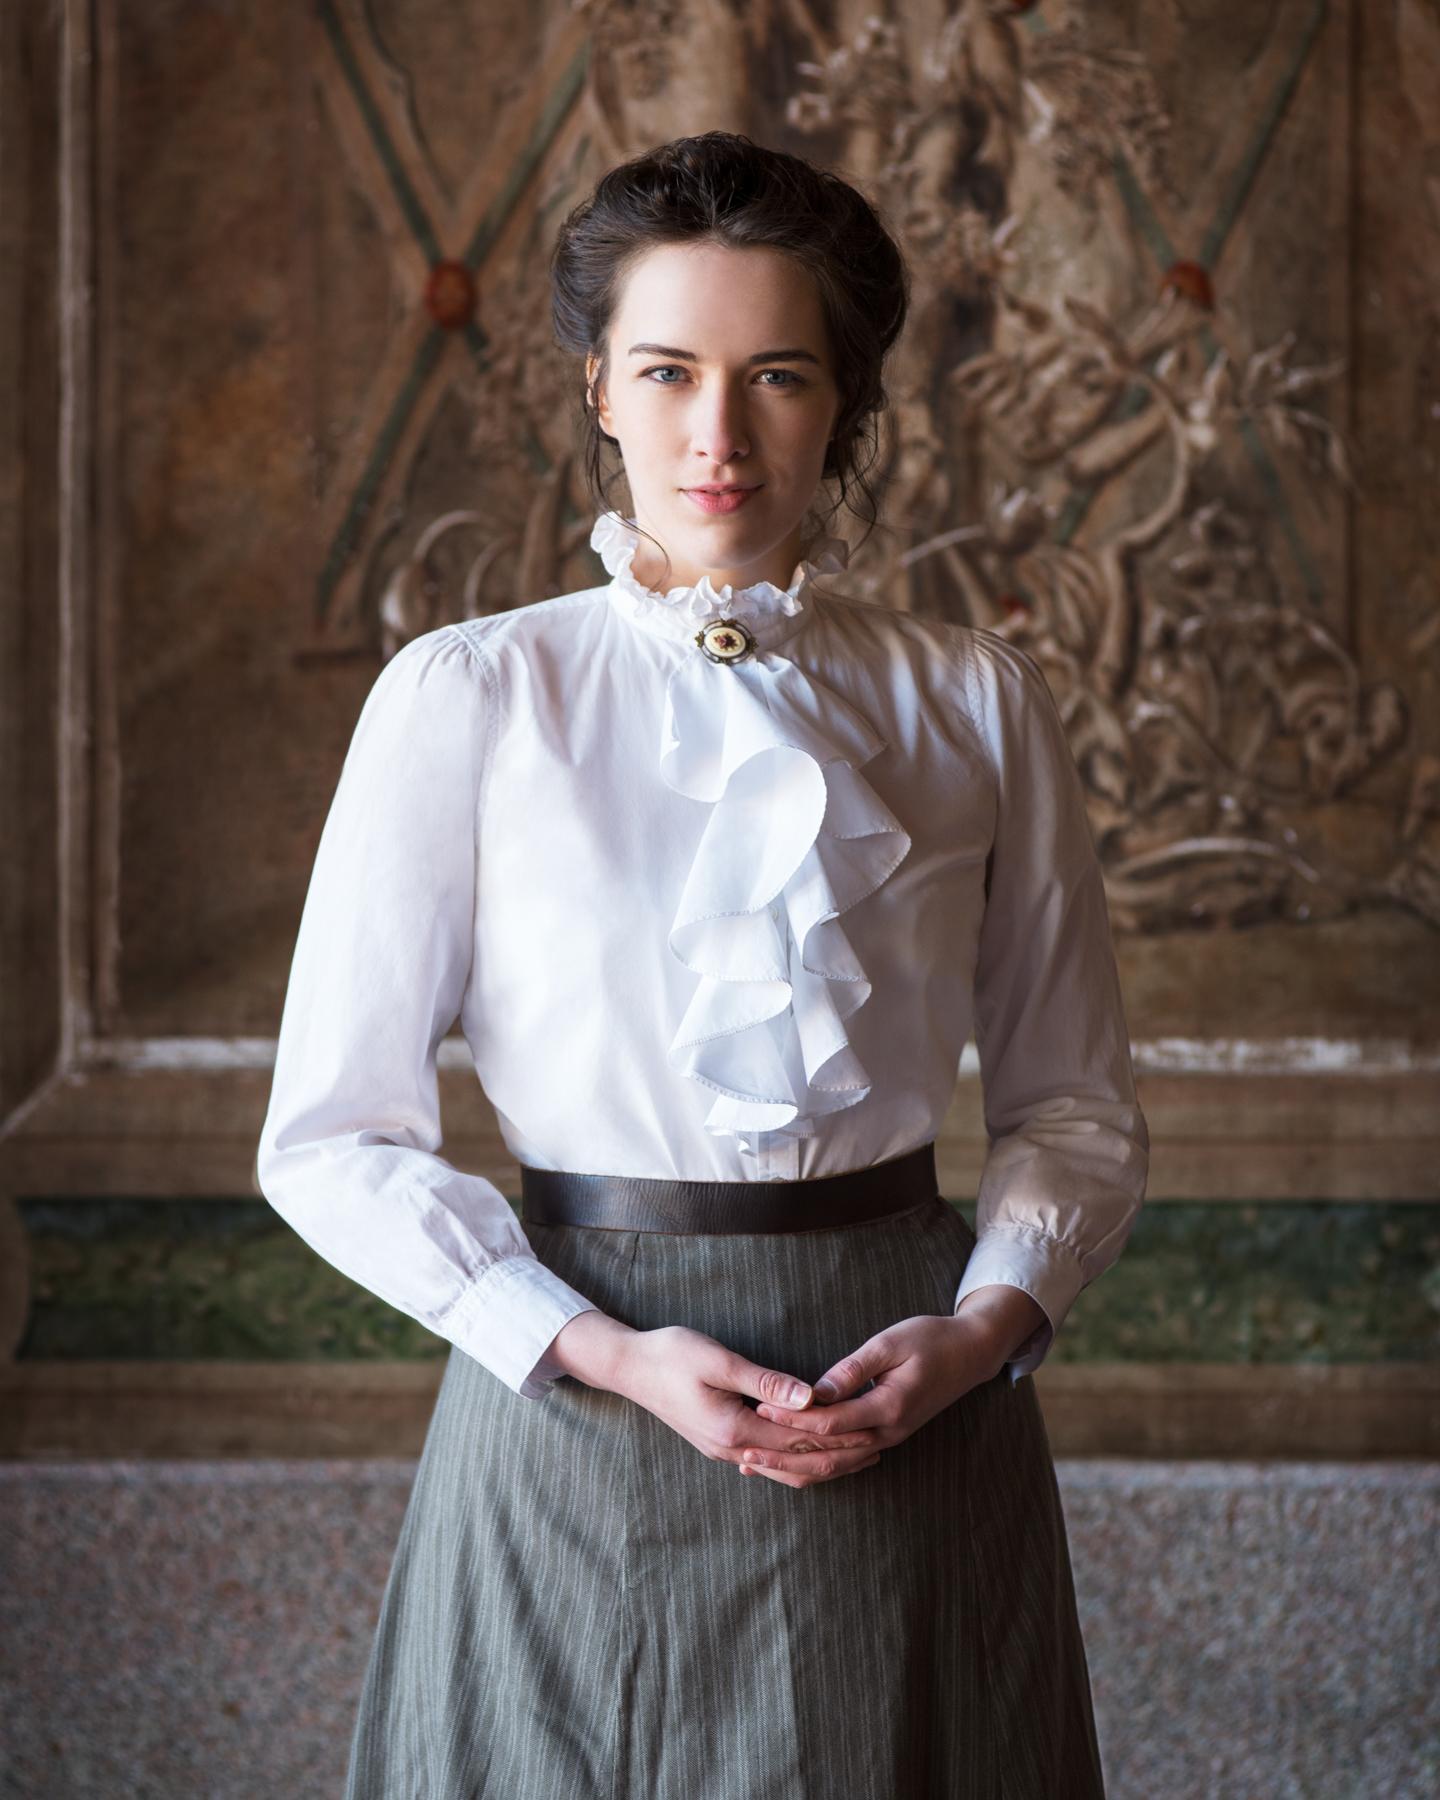 krystal_sobaskie_actor_period_outfit-2815.JPG